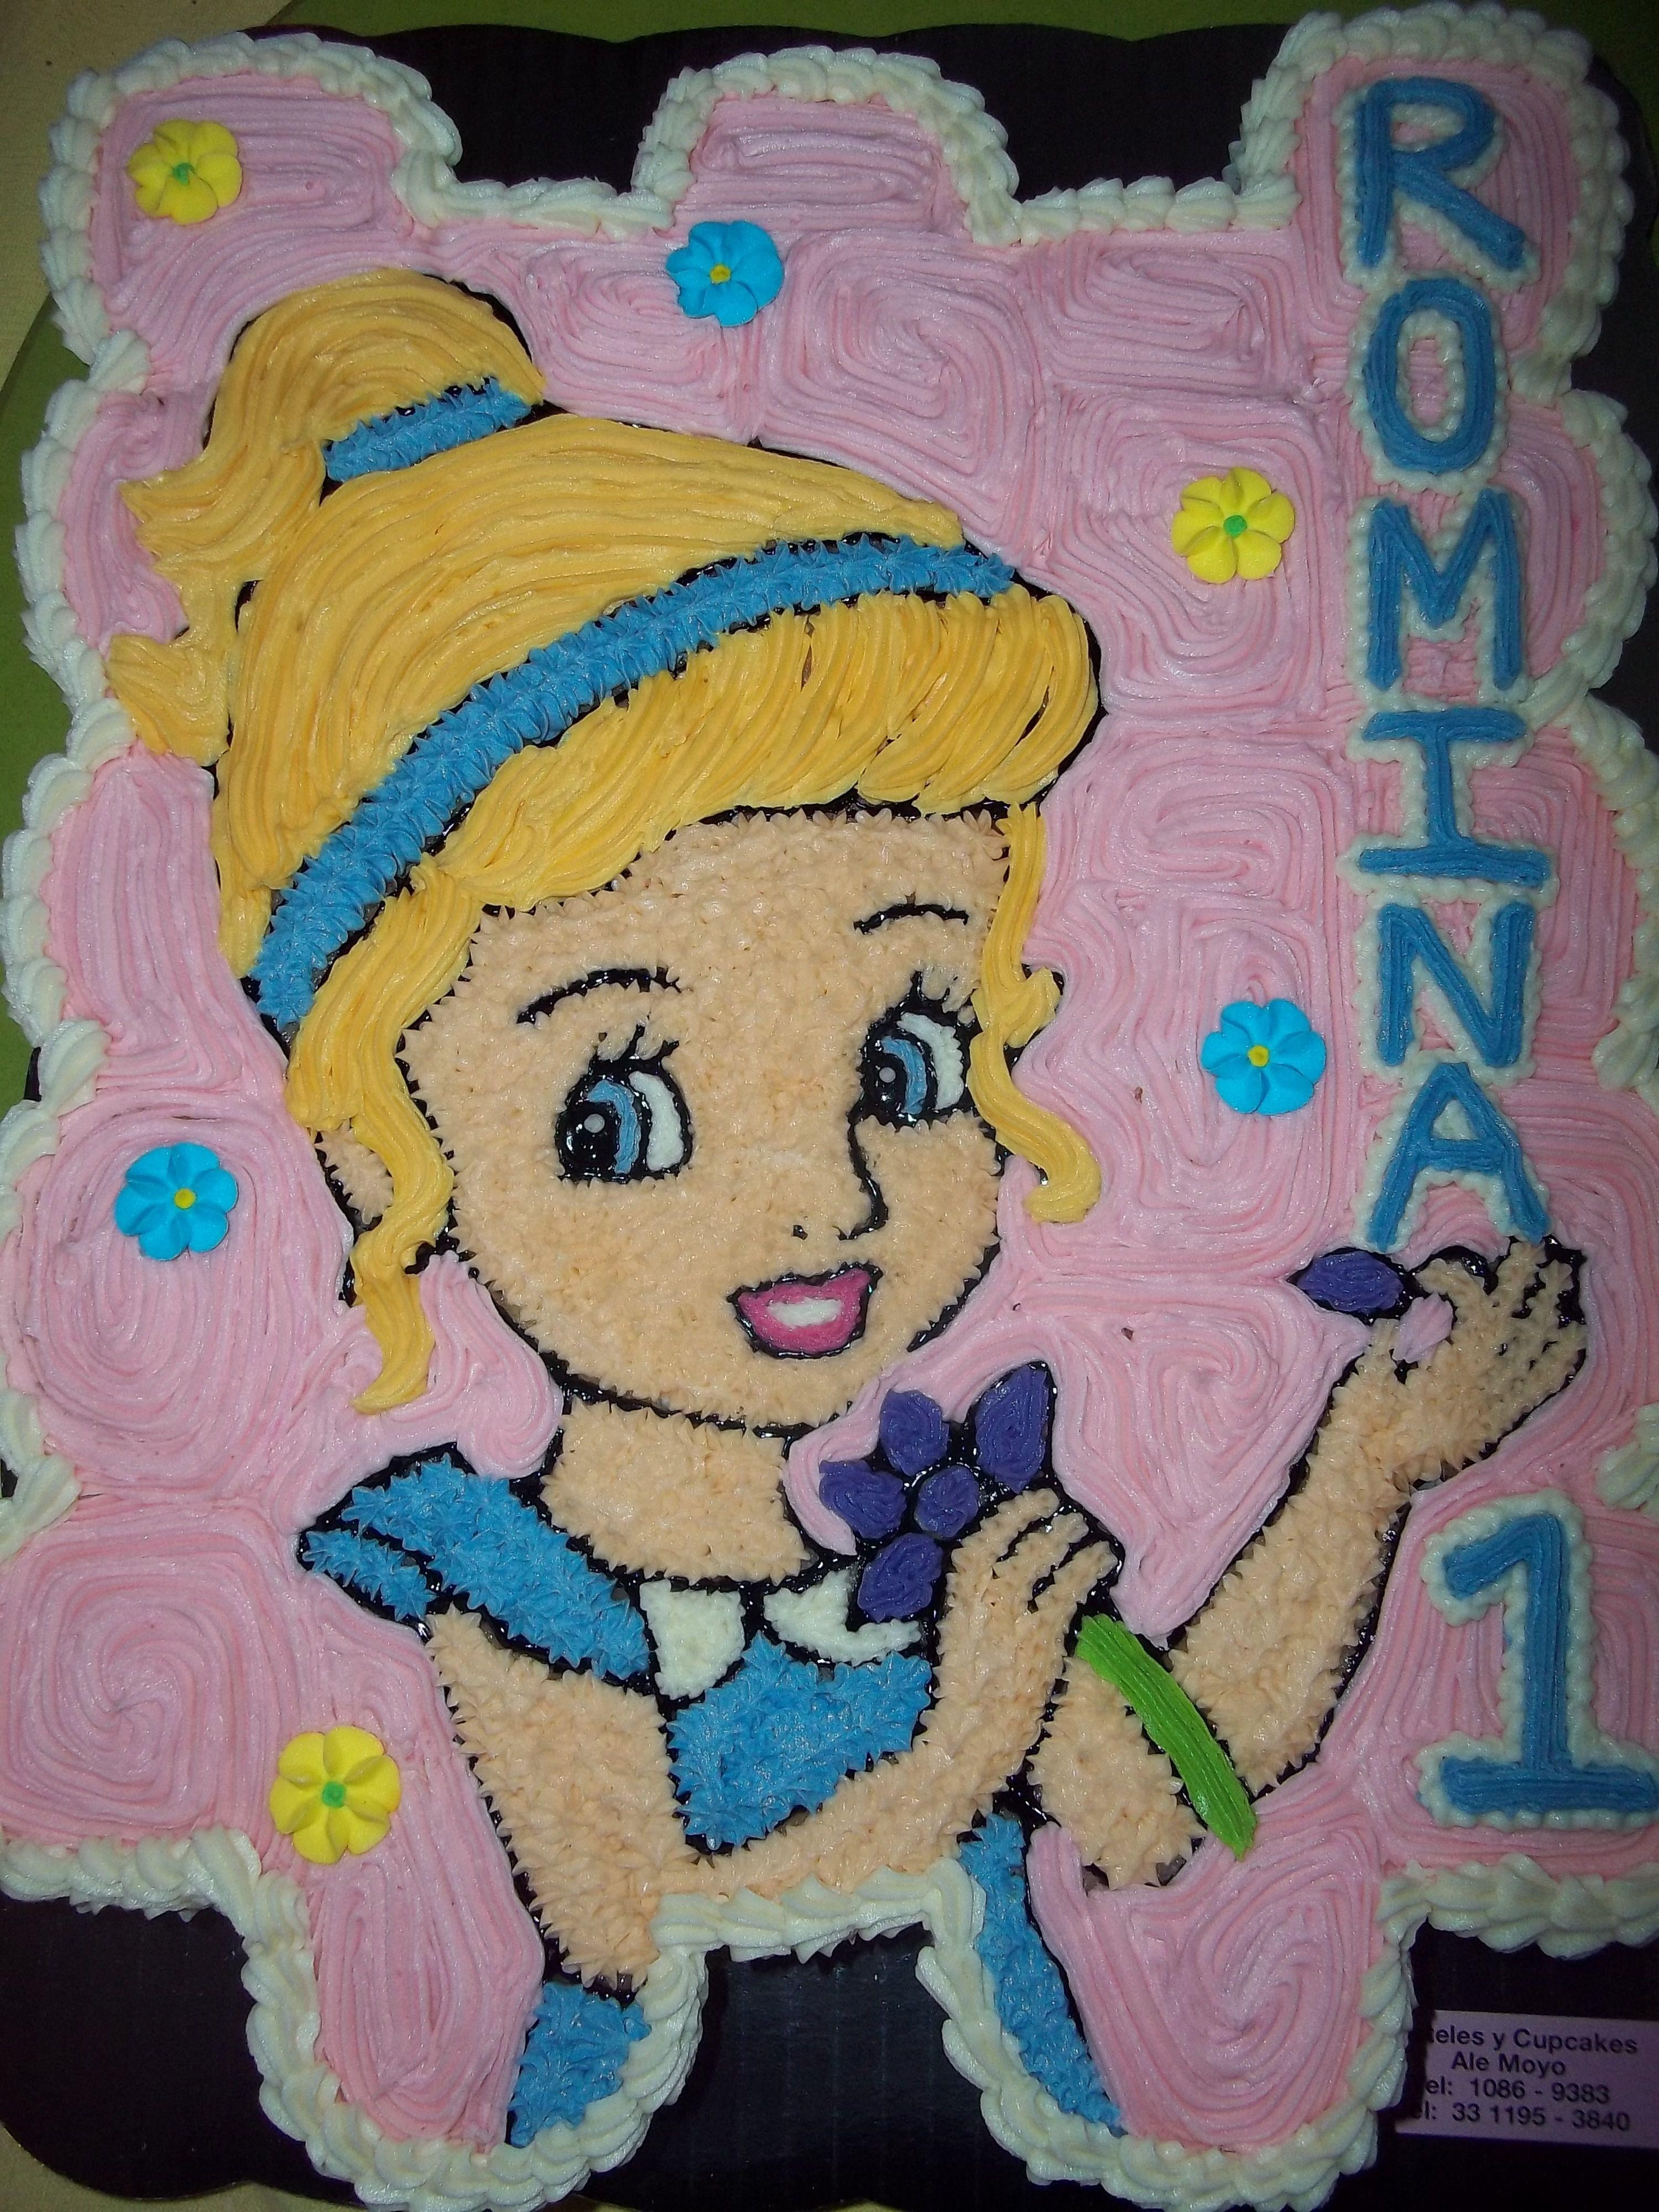 Pastel hecho sobre cupcakes y con betún de mantequilla. Facebook Ale Moyo cupcakes-pasteles.